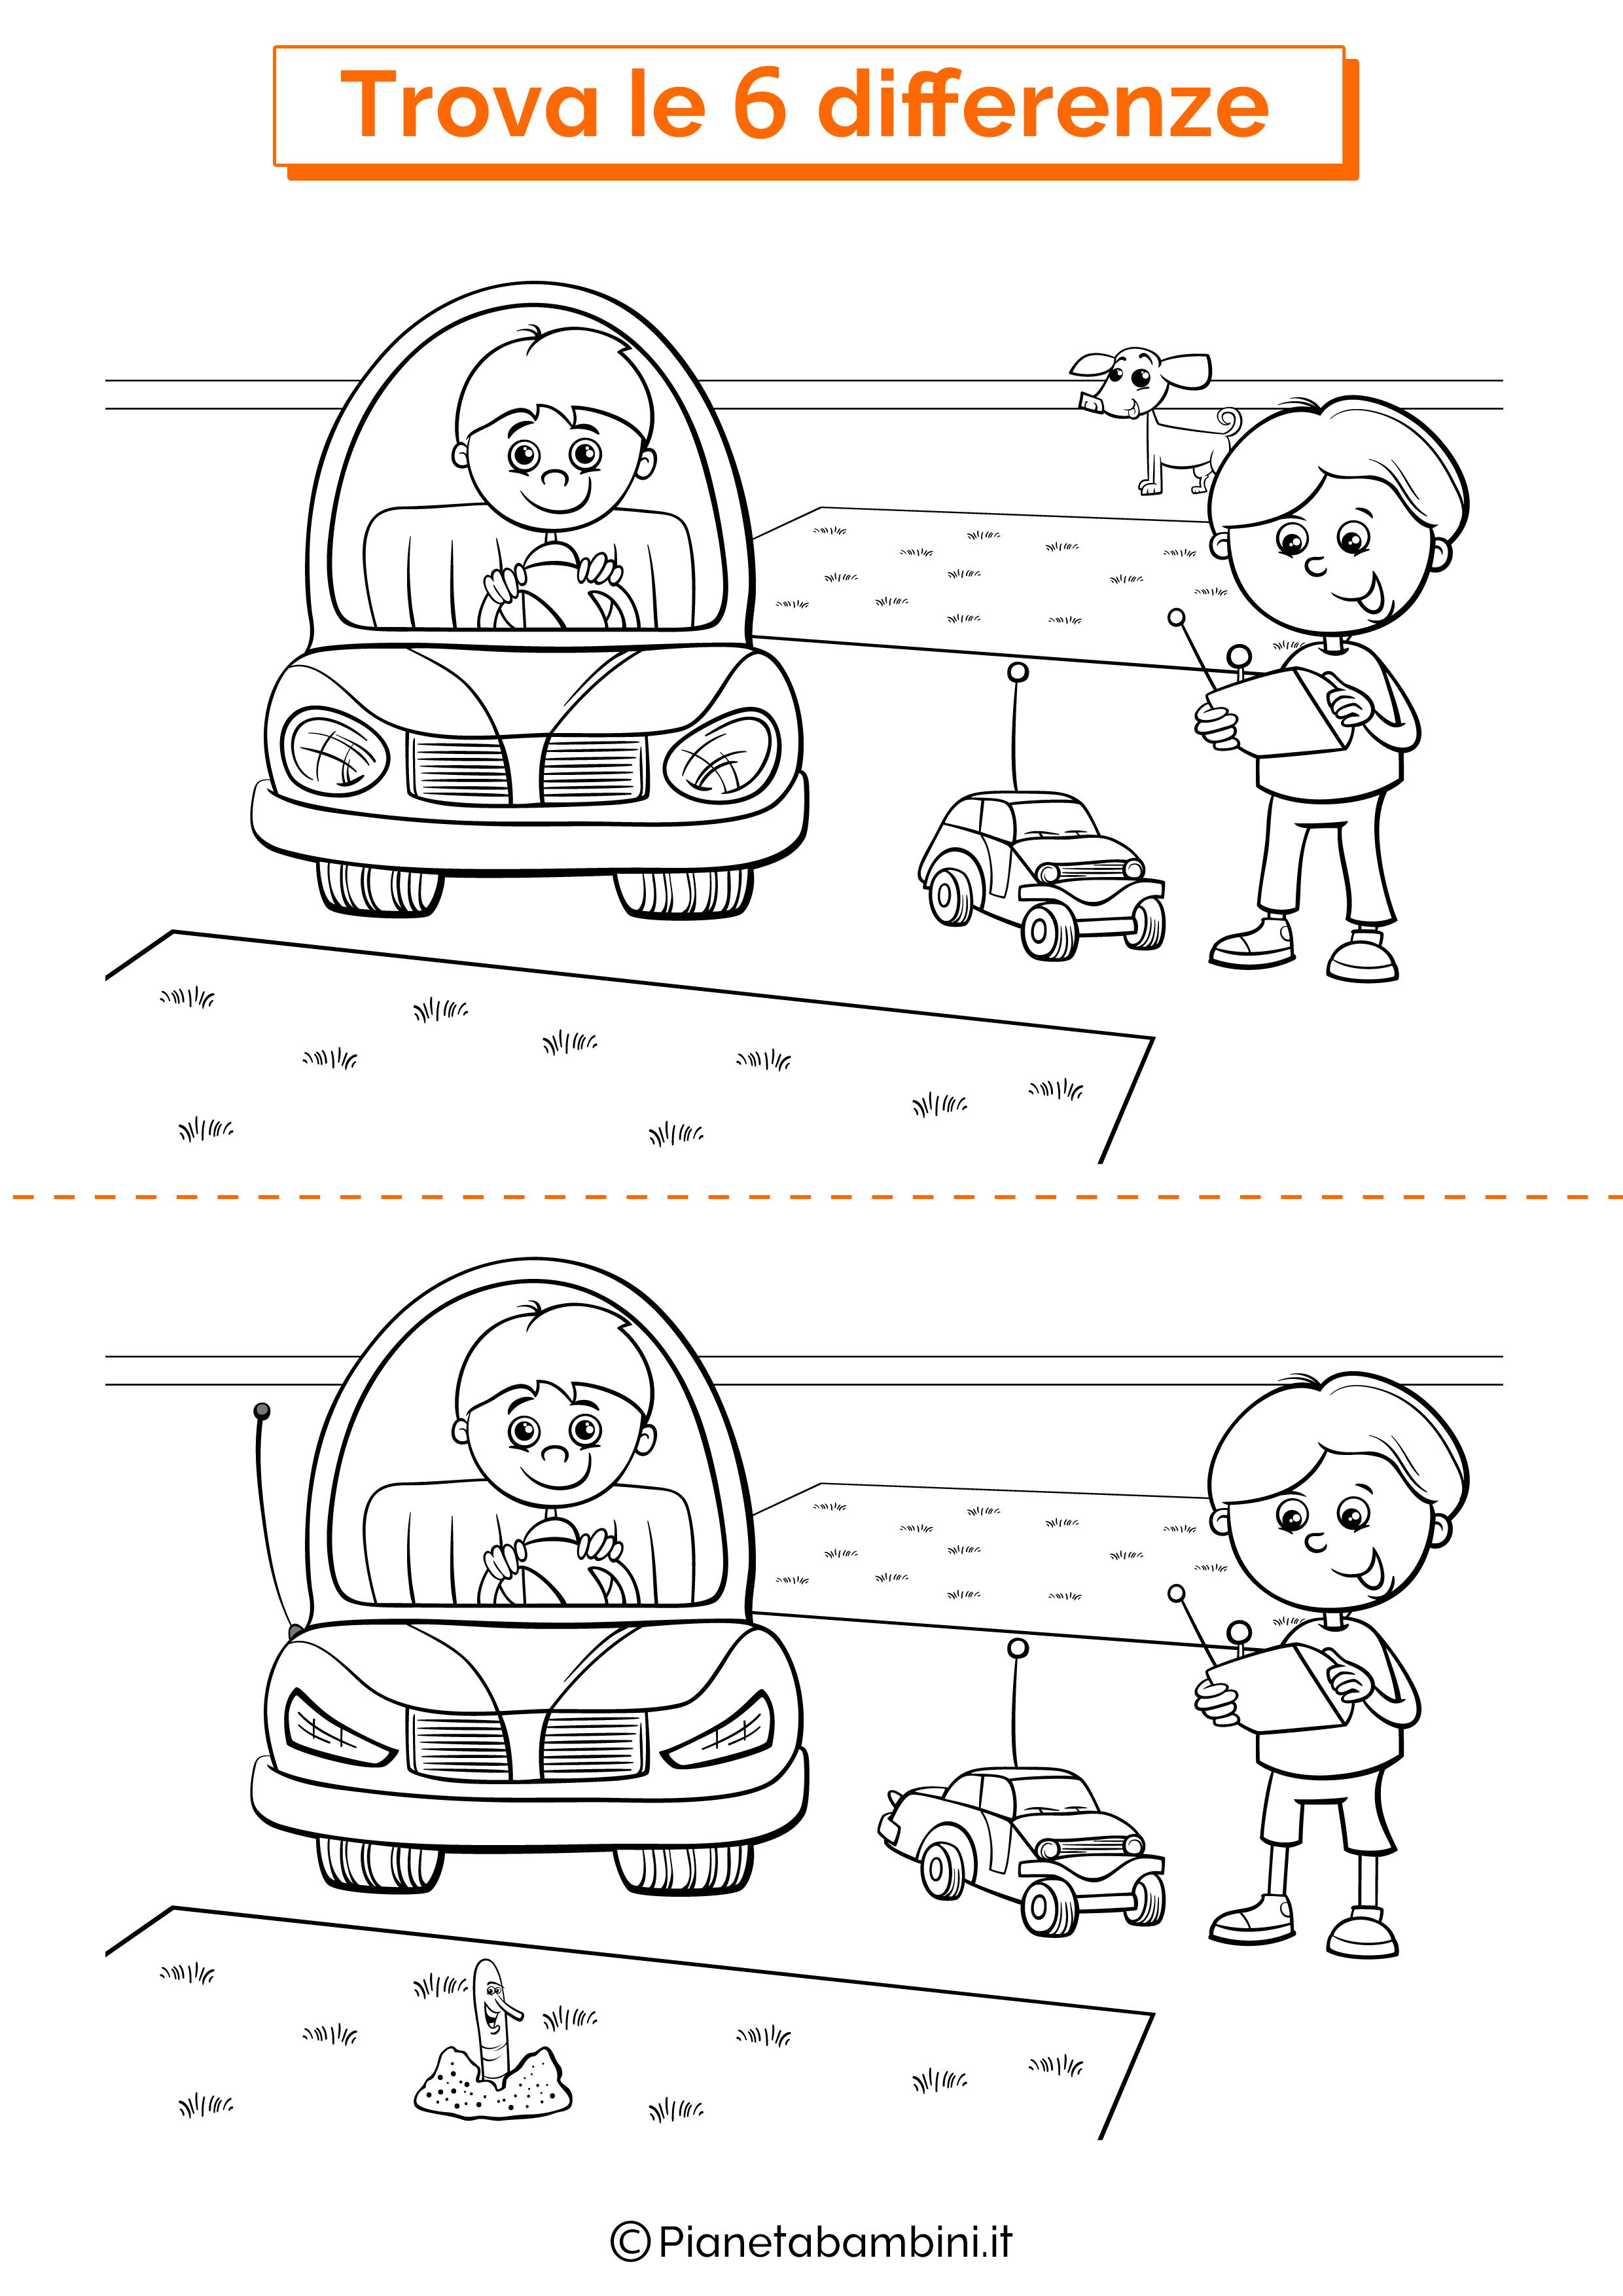 Disegno trova 6 differenze automobili